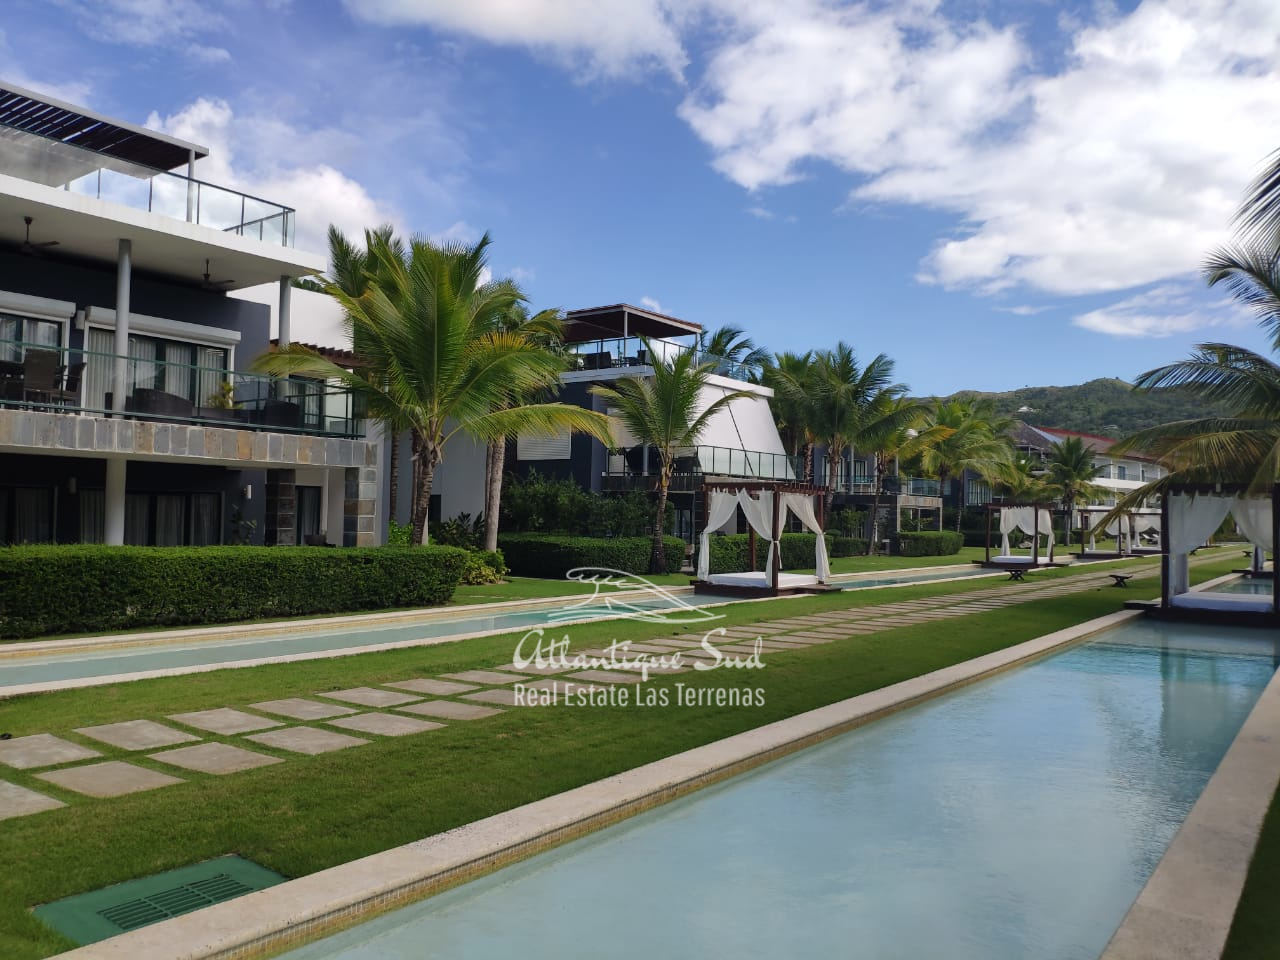 condo-in-all-inclusive-beachfront-hotel-lasterrenas11.jpeg